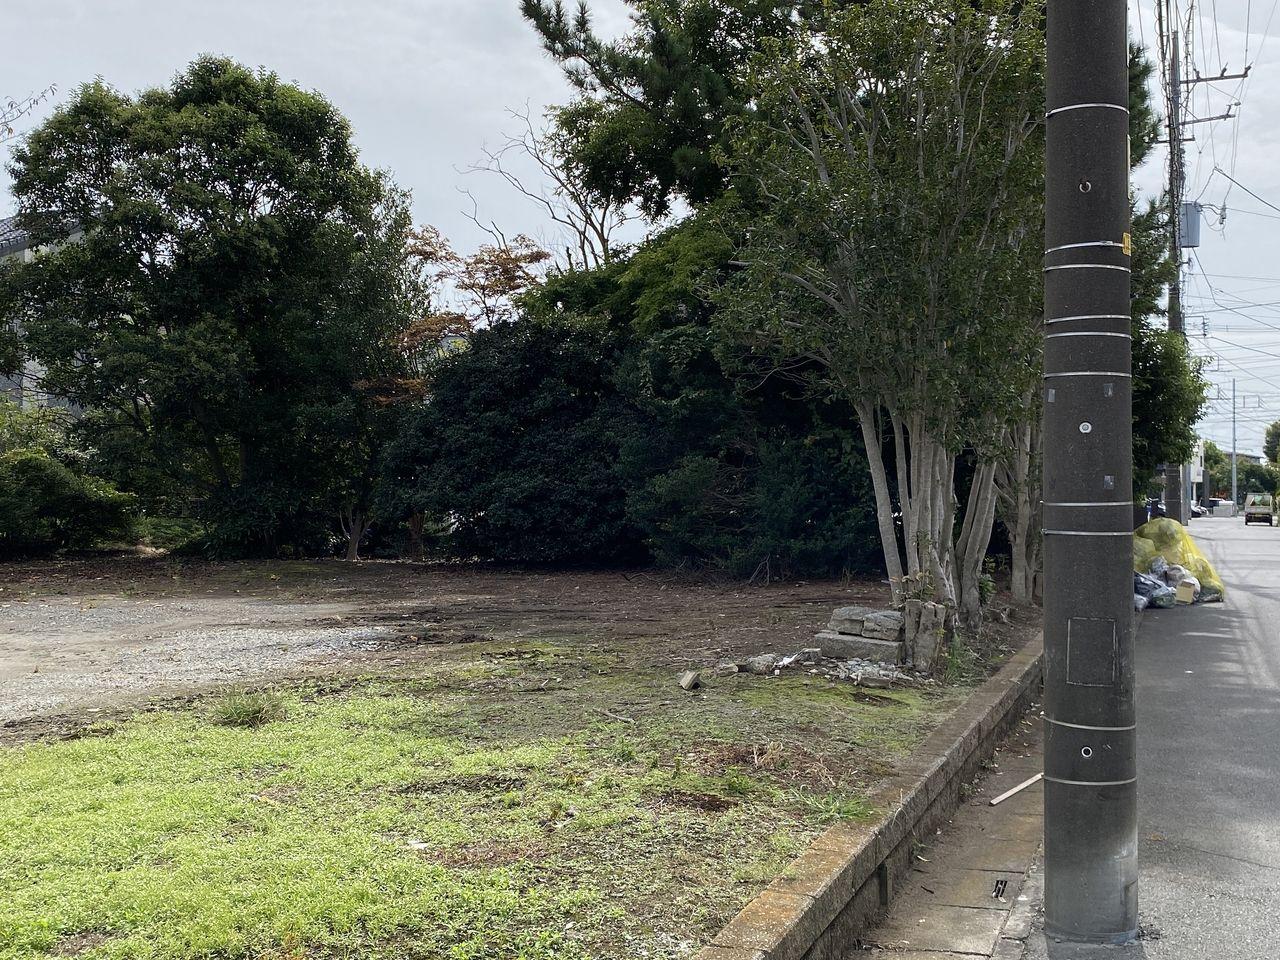 管理している月極駐車場側から見た木の様子です。